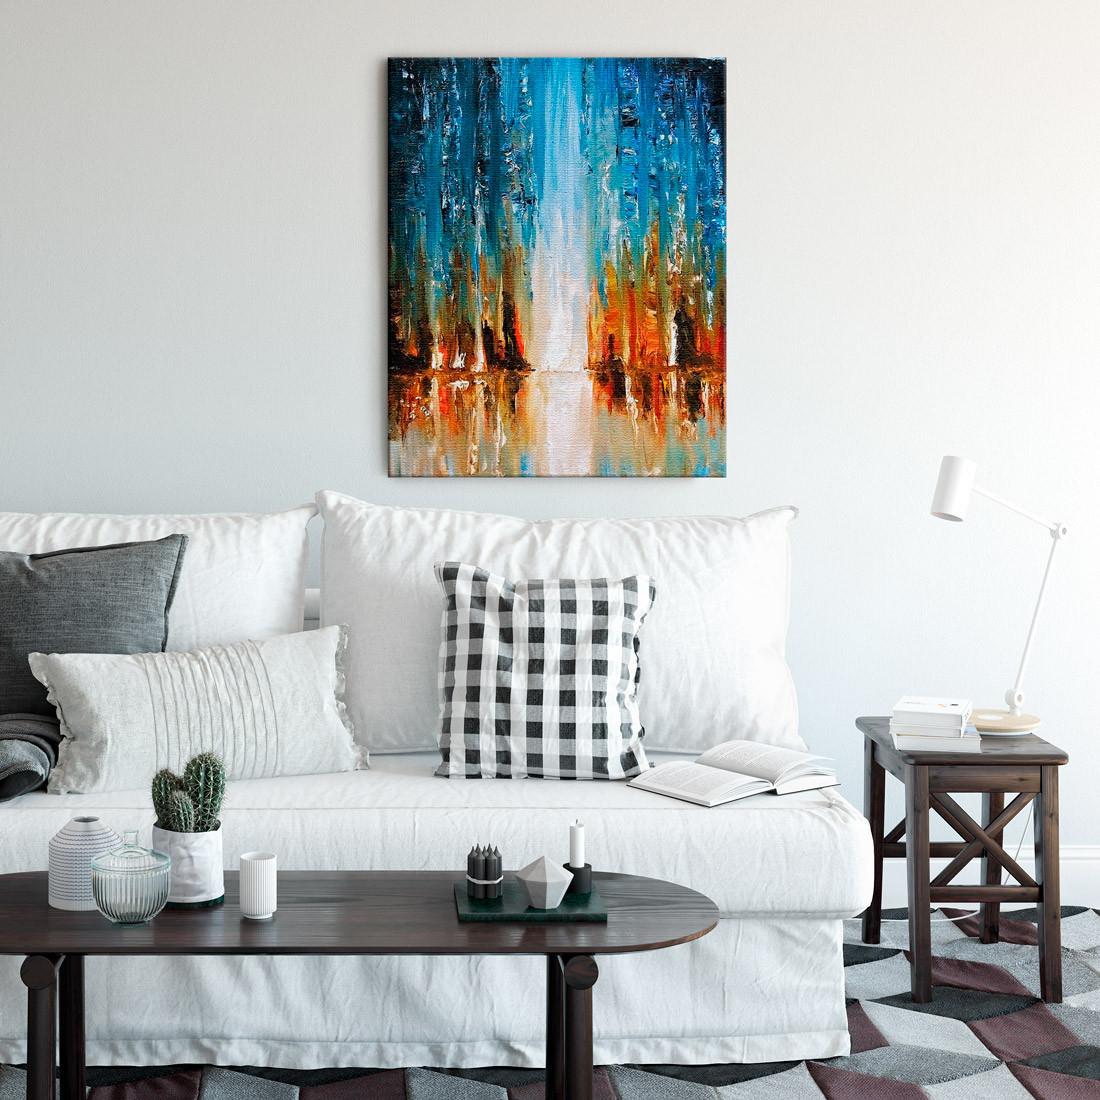 Quadro Decorativo Pintura Abstrata Pintura a óleo sobre tela